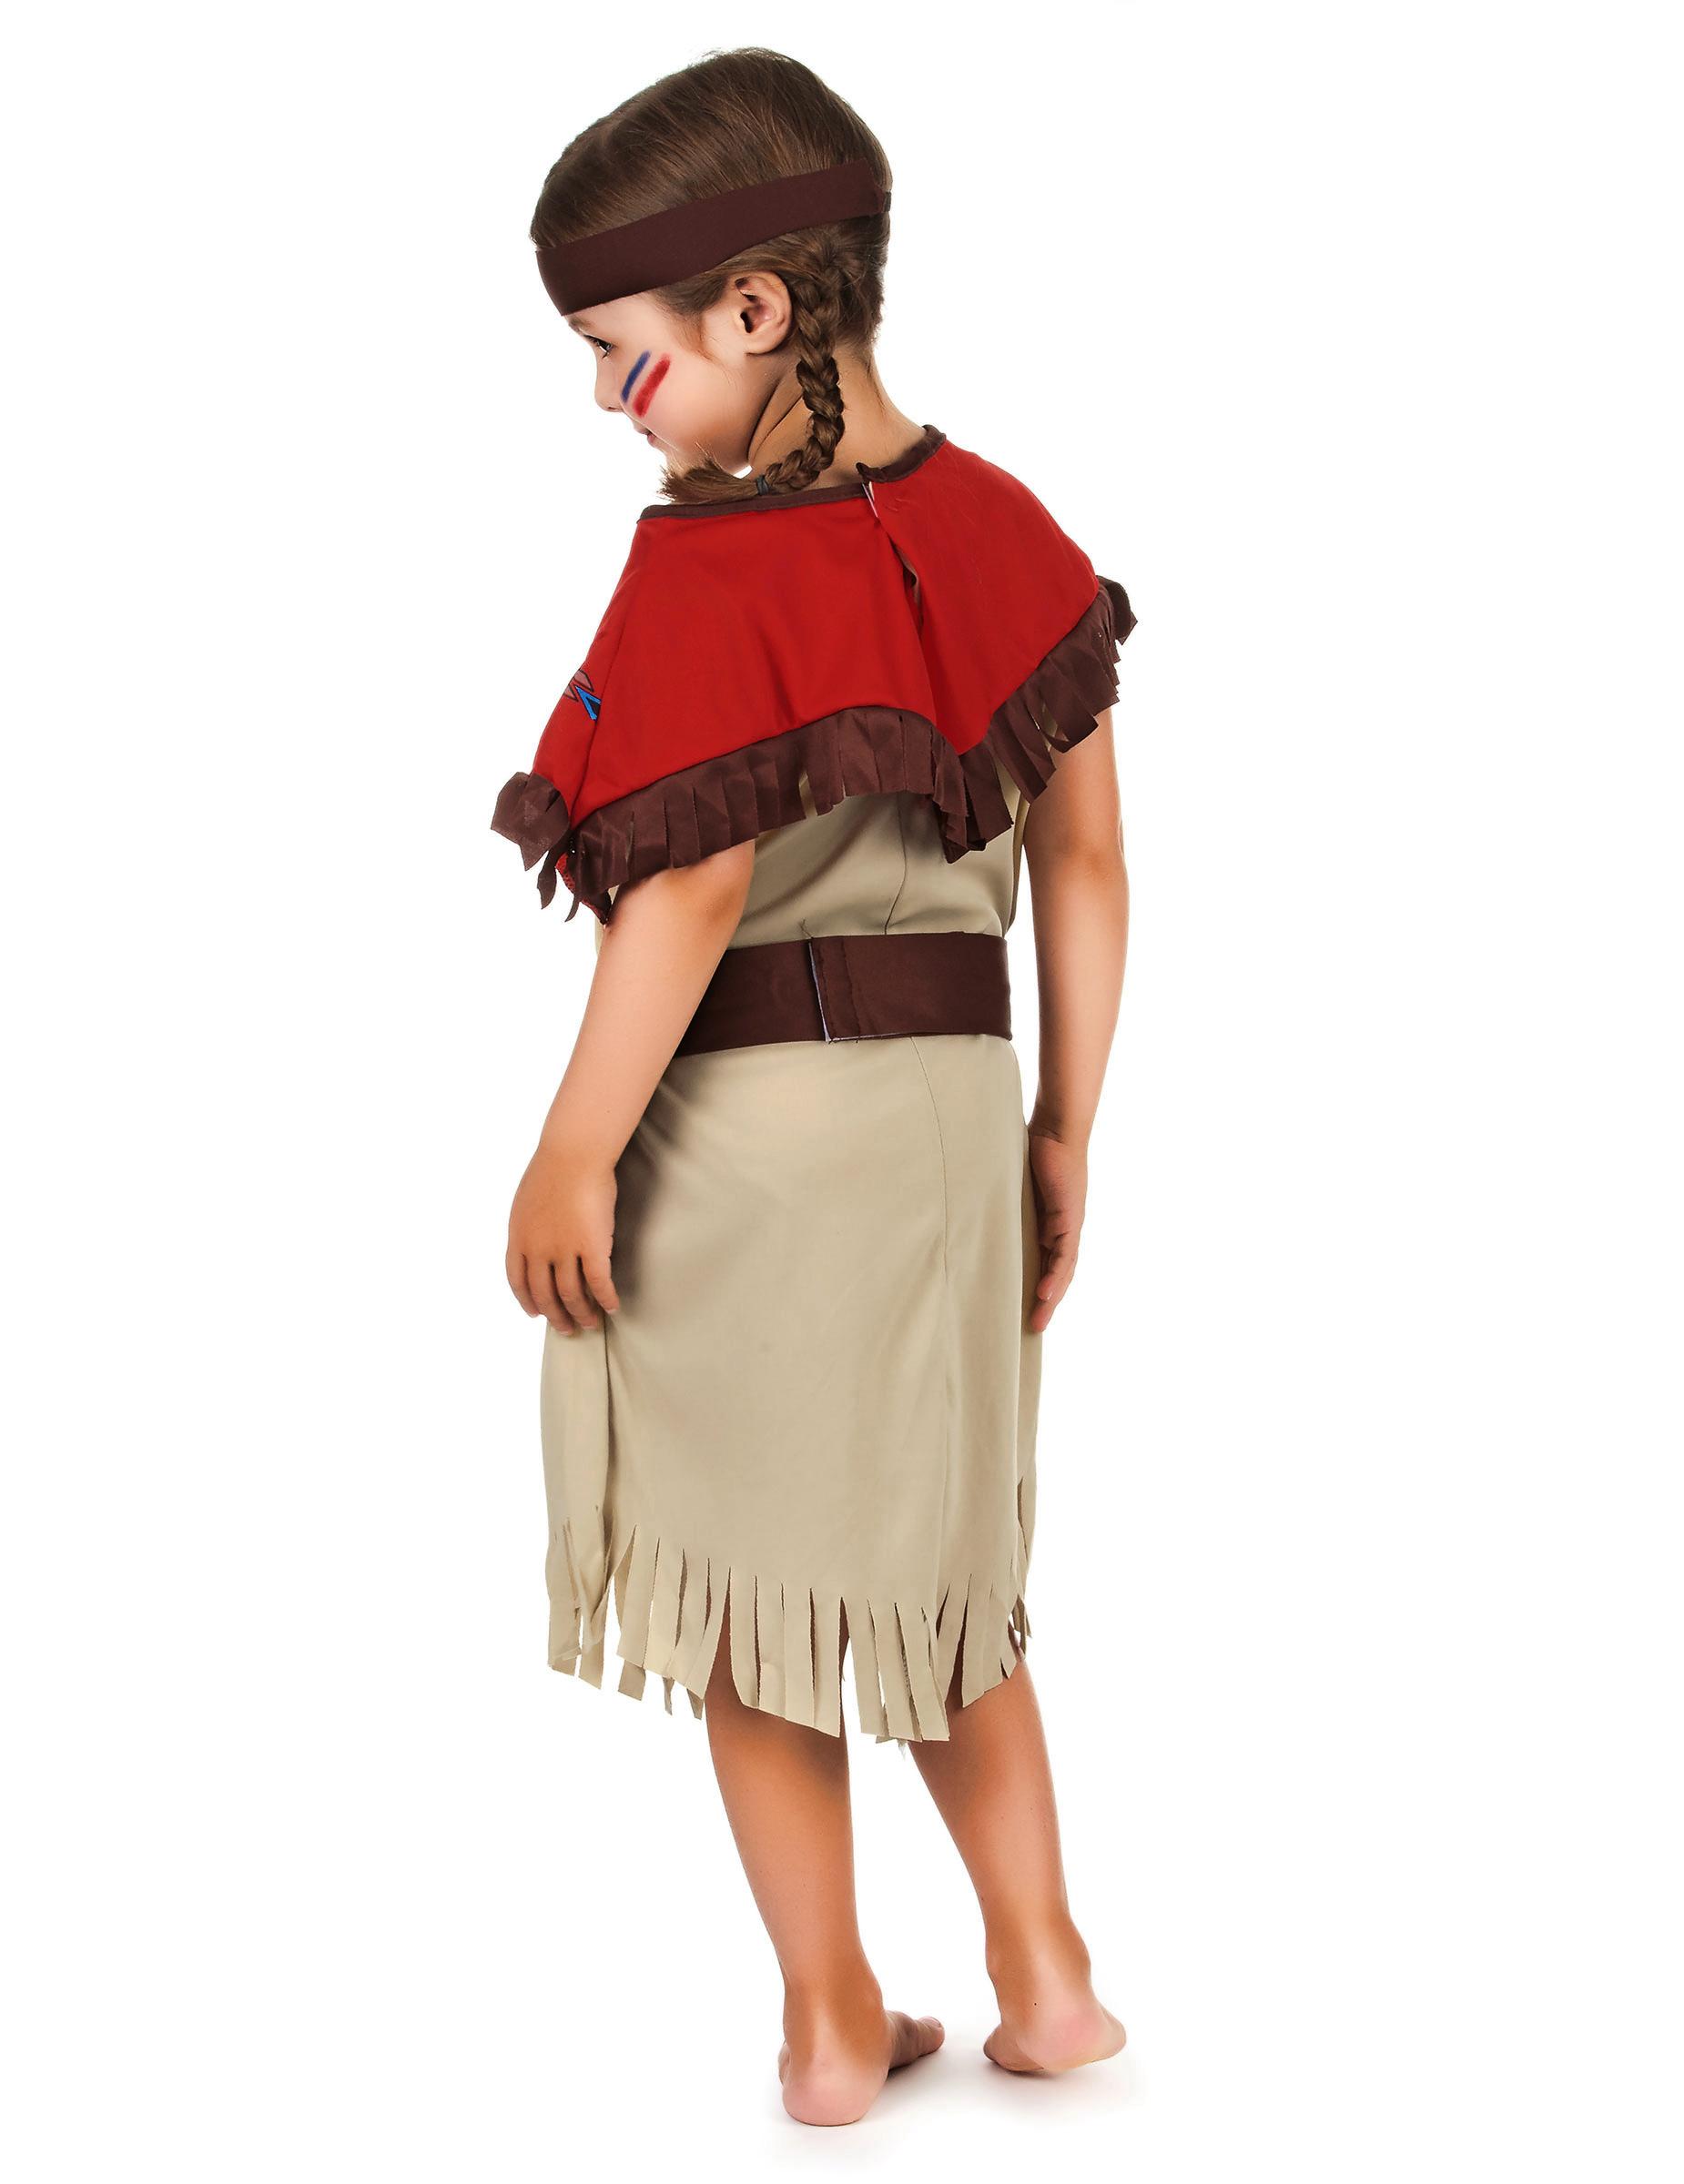 Costume de fille indienne maison